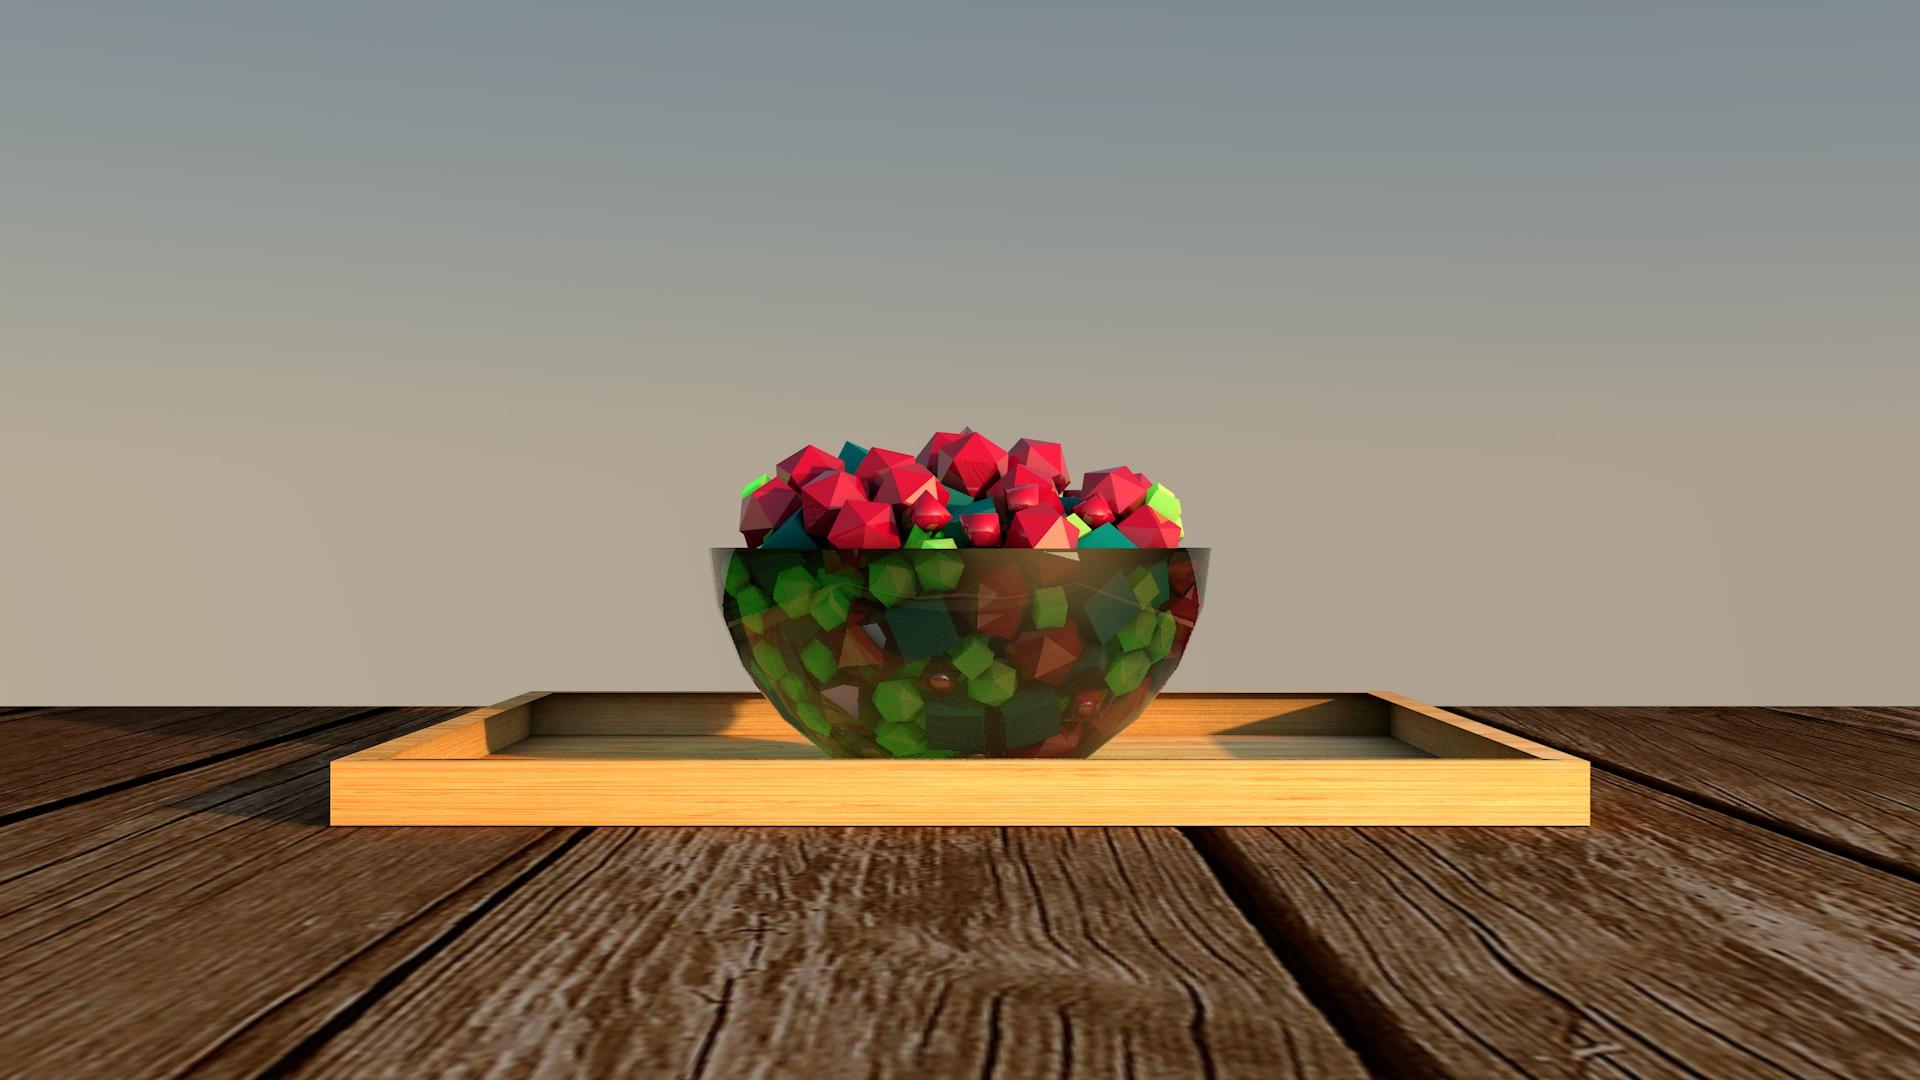 03 Pixel Bowl